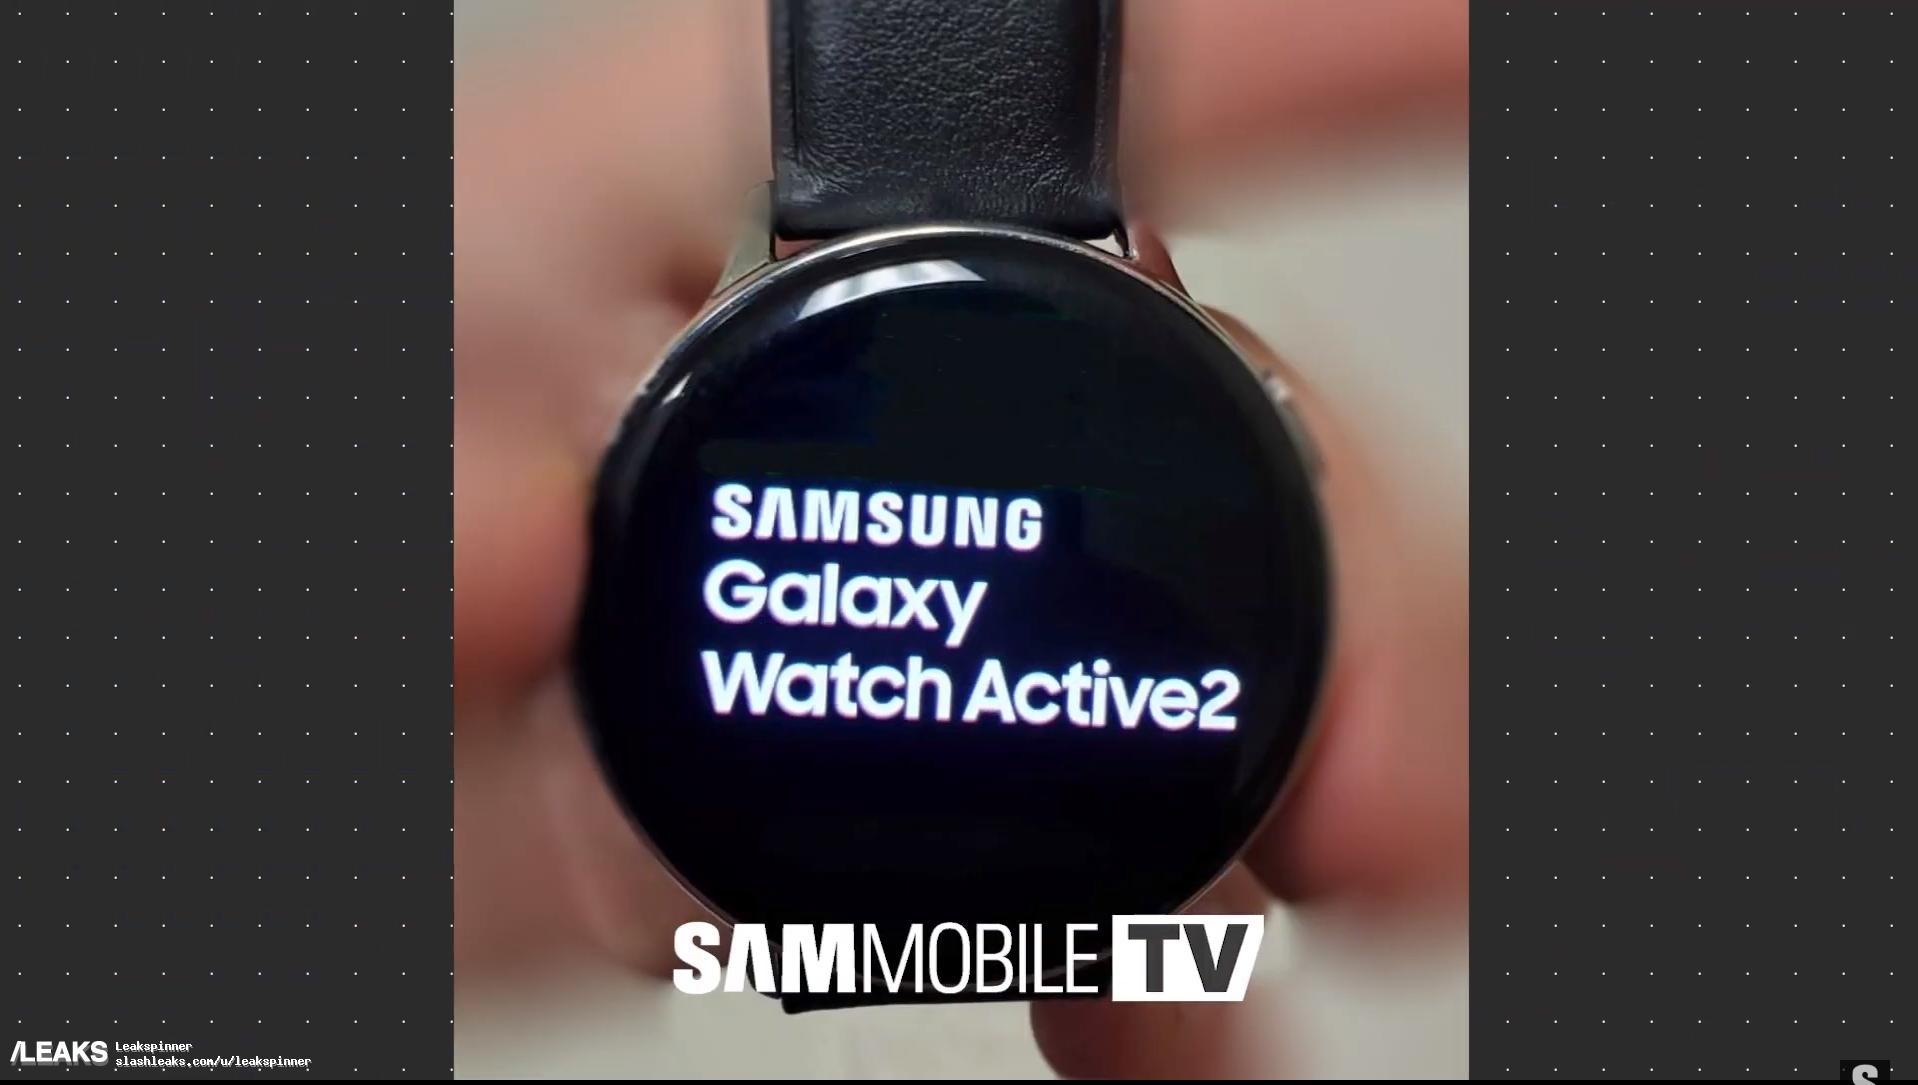 Утечка демонстрирует смарт-часы Samsung Galaxy Watch Active 2